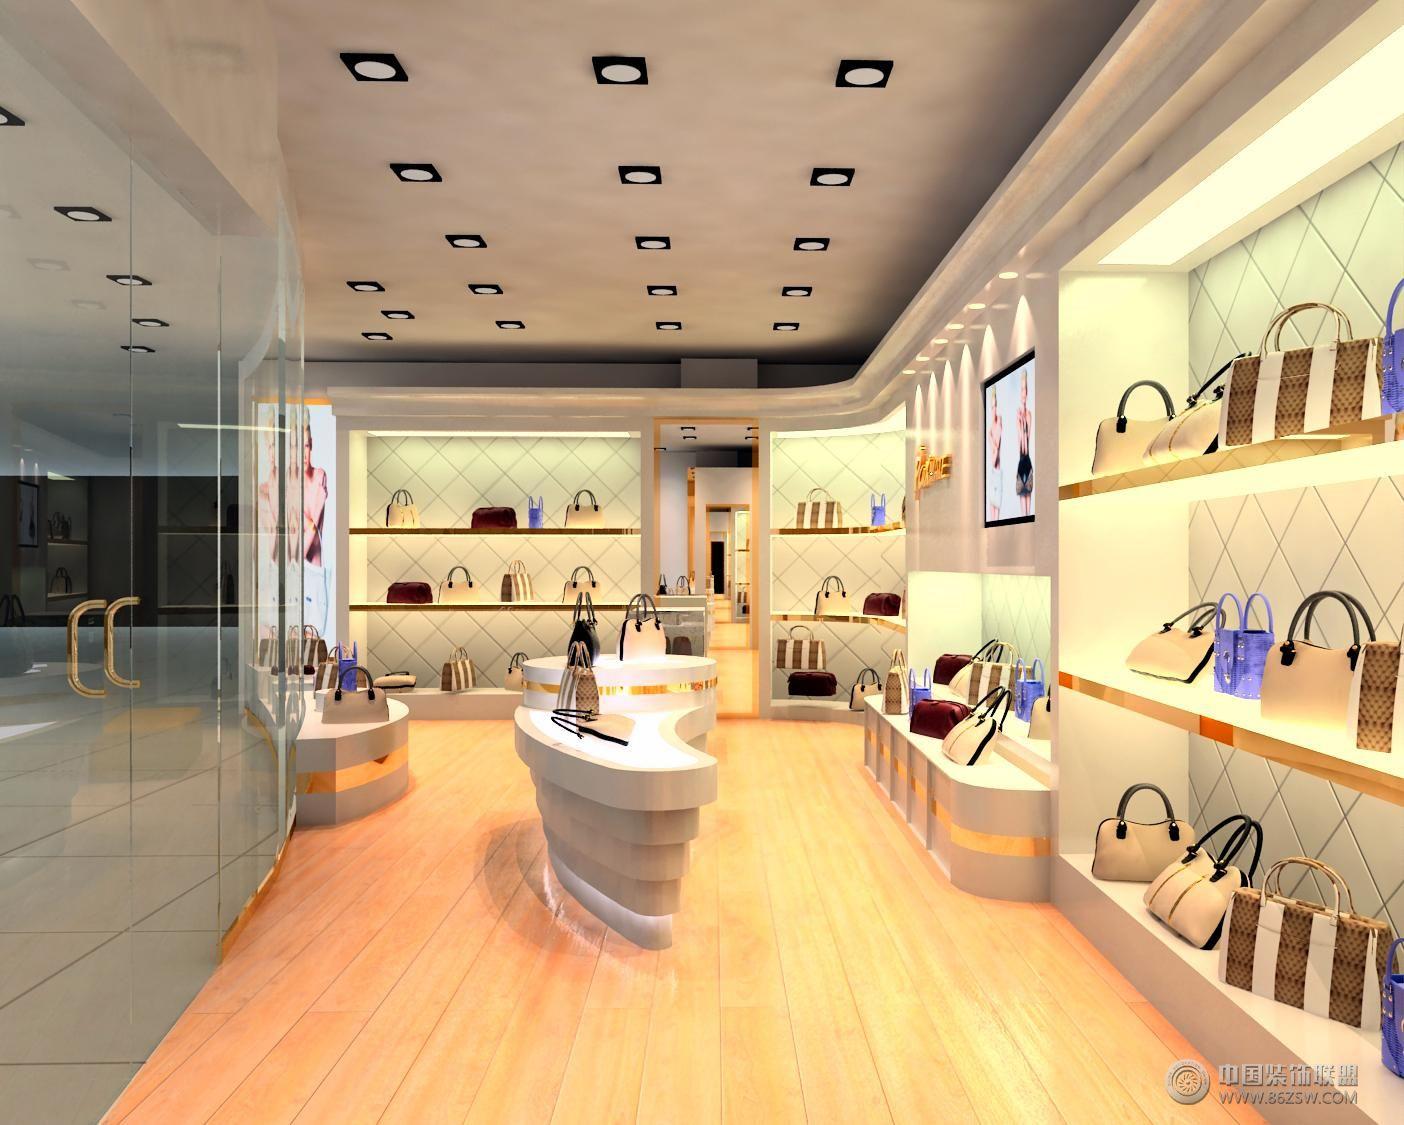 地下购物商场专卖店形象设计整套大图展示_现代小户型